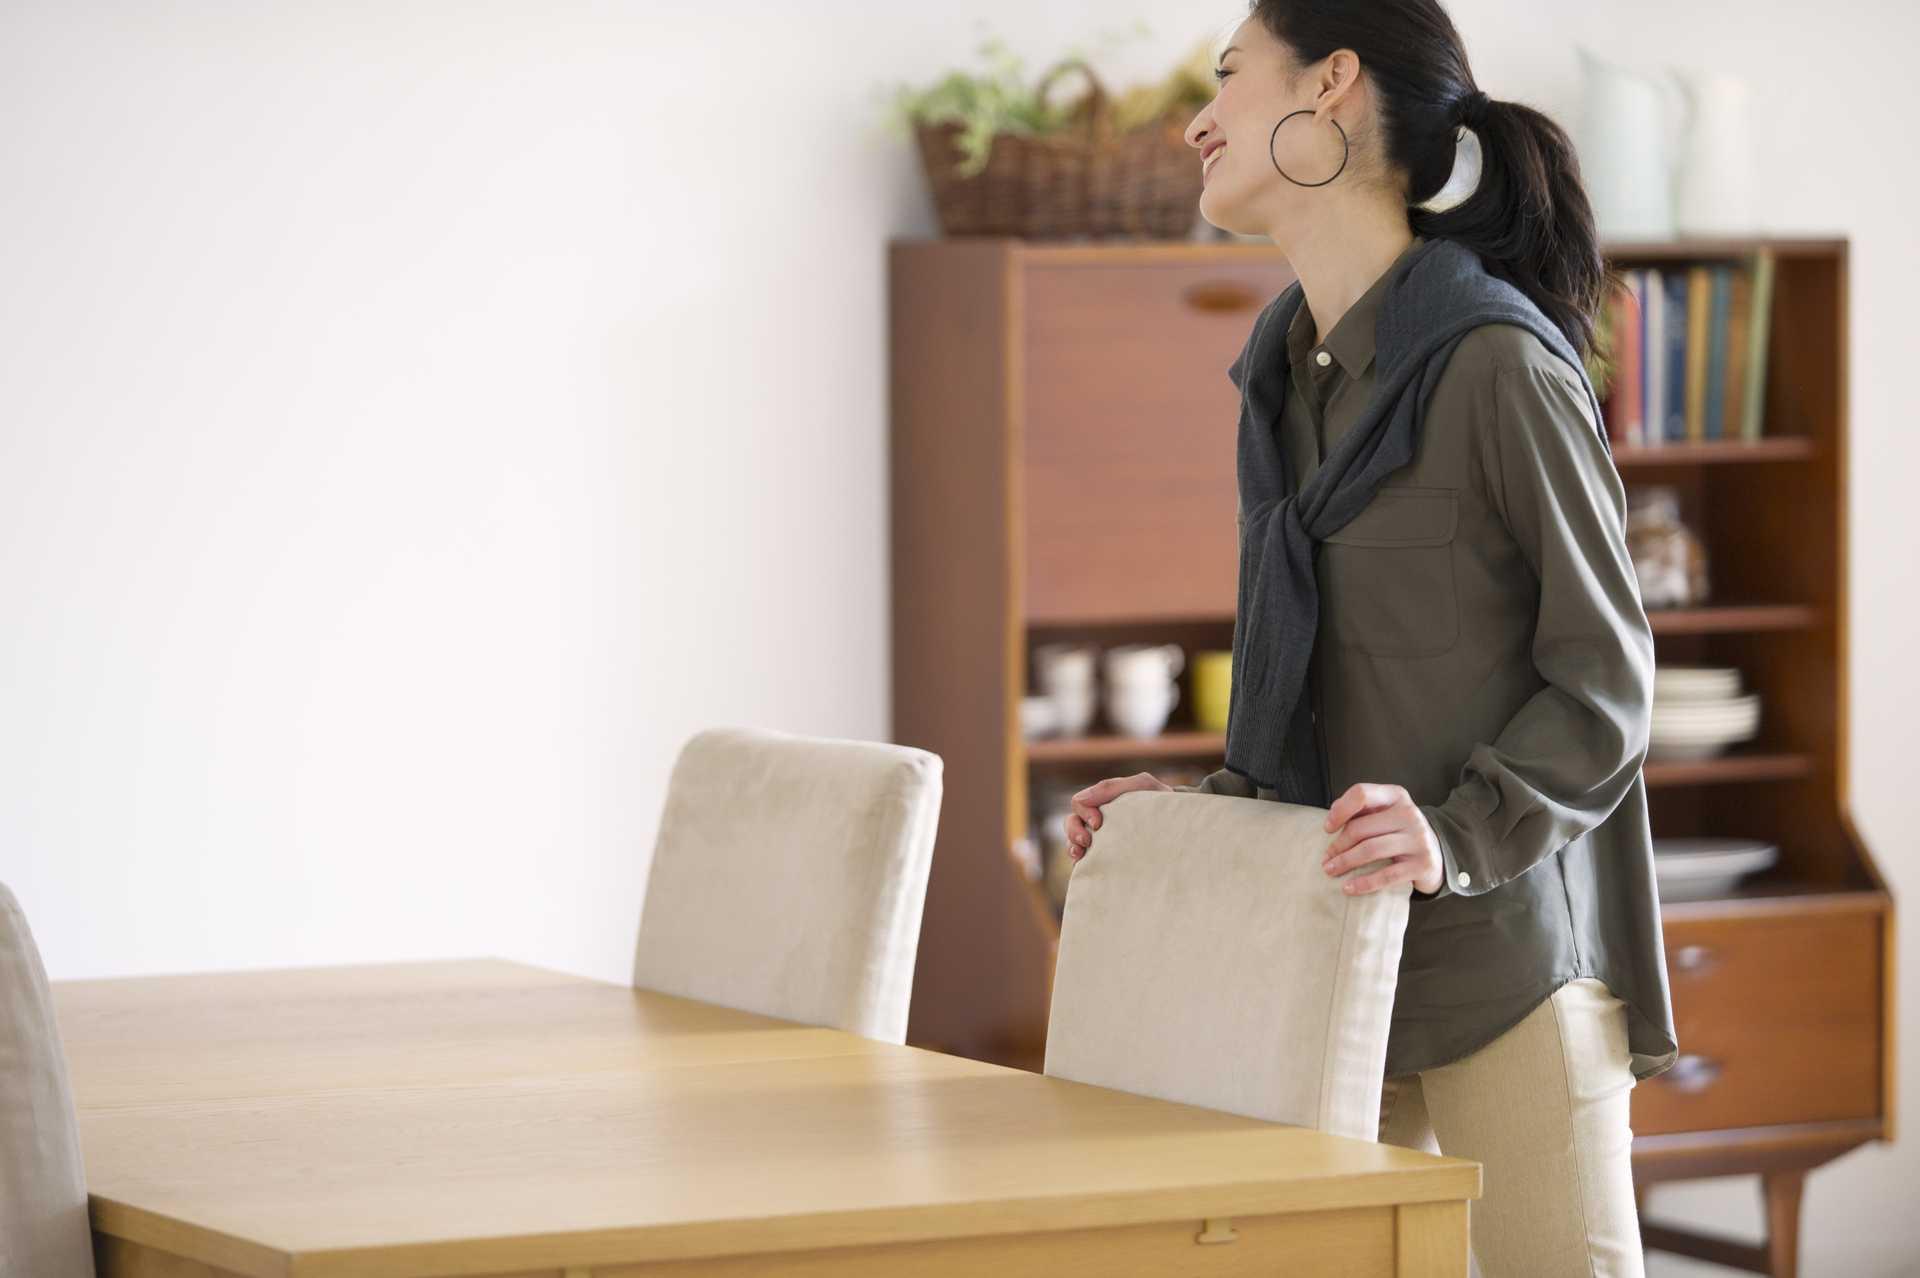 席を離れるときは、きちんと椅子を戻す。 | 運がいい人の30の習慣